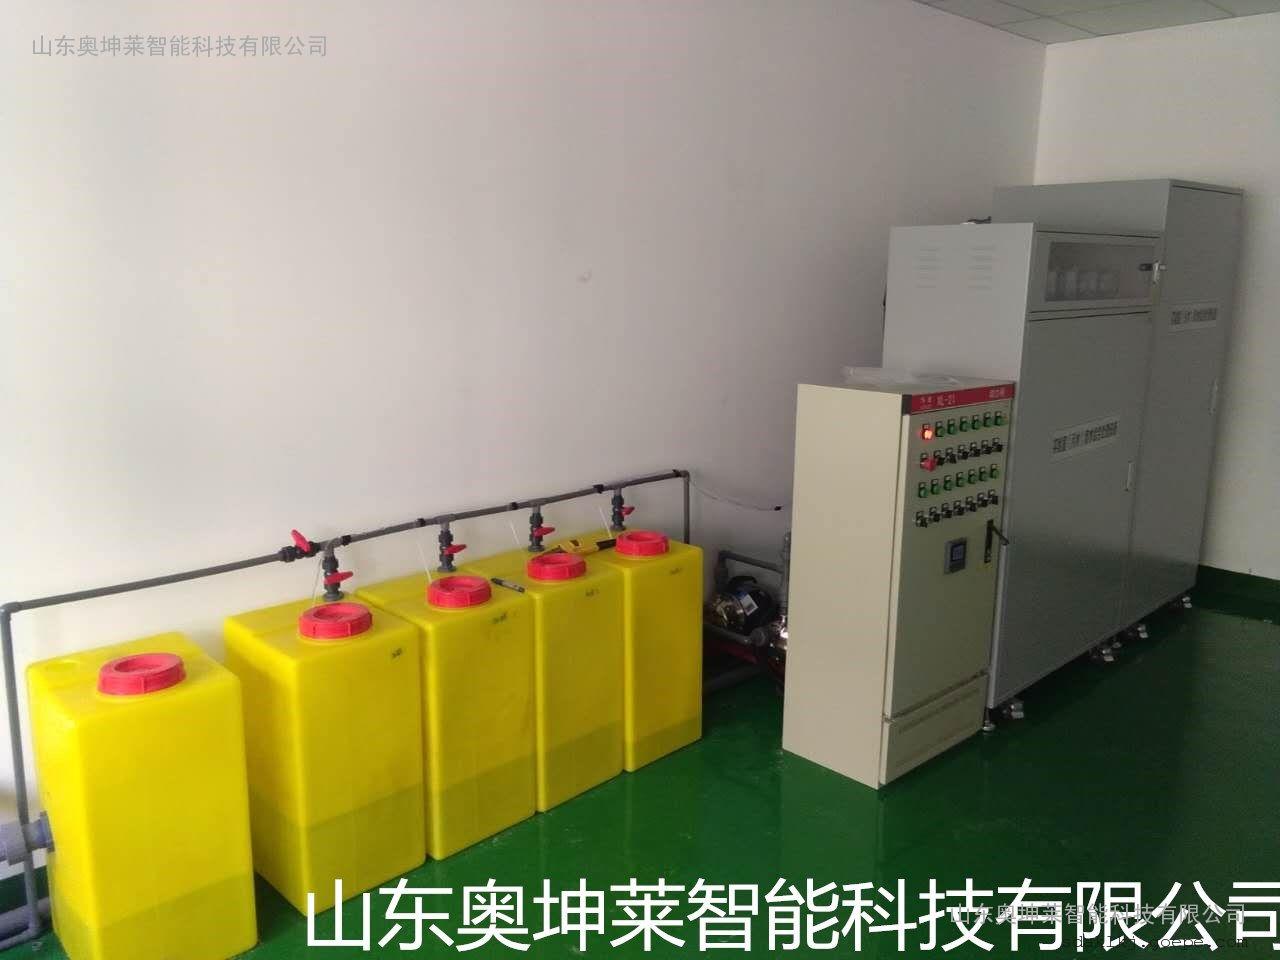 实验室污水综合处理设备自动化运行